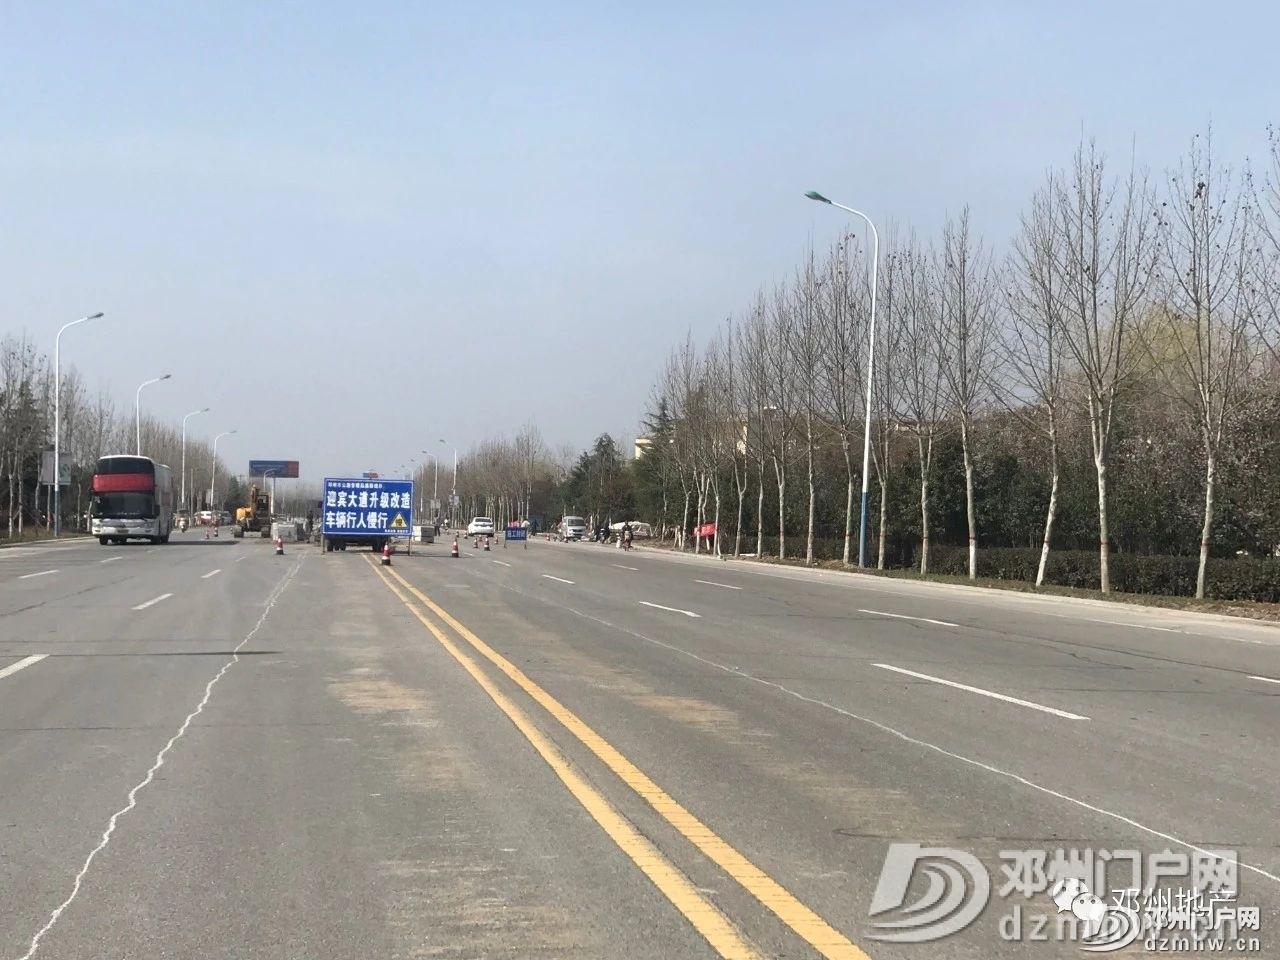 最新!关于邓州市迎宾大道改造升级,实拍来啦! - 邓州门户网|邓州网 - ecb8bb8abc6d25f49771fc961fee74e6.jpg